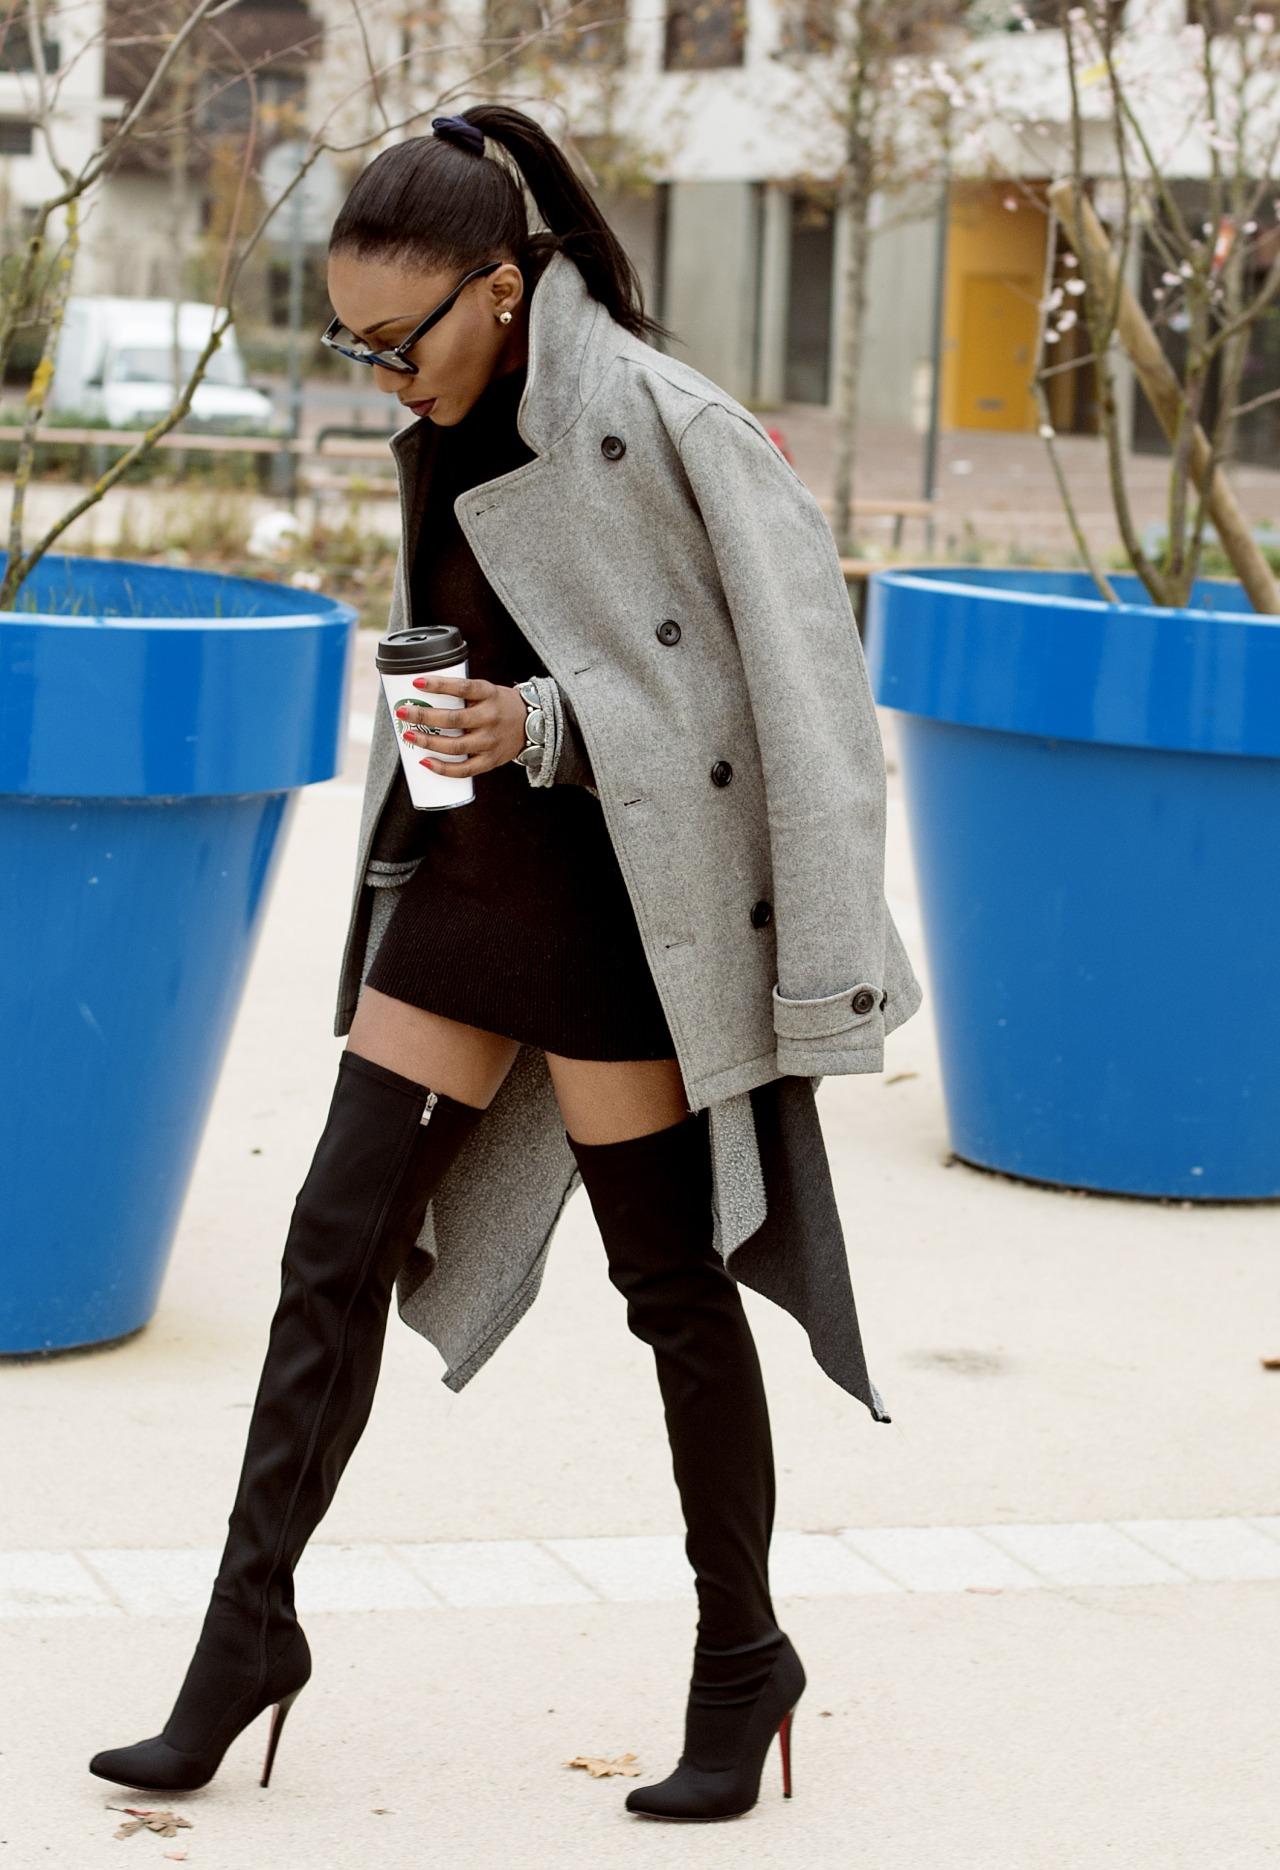 Botas mosqueteras de mujer, tendencia xxl en botas